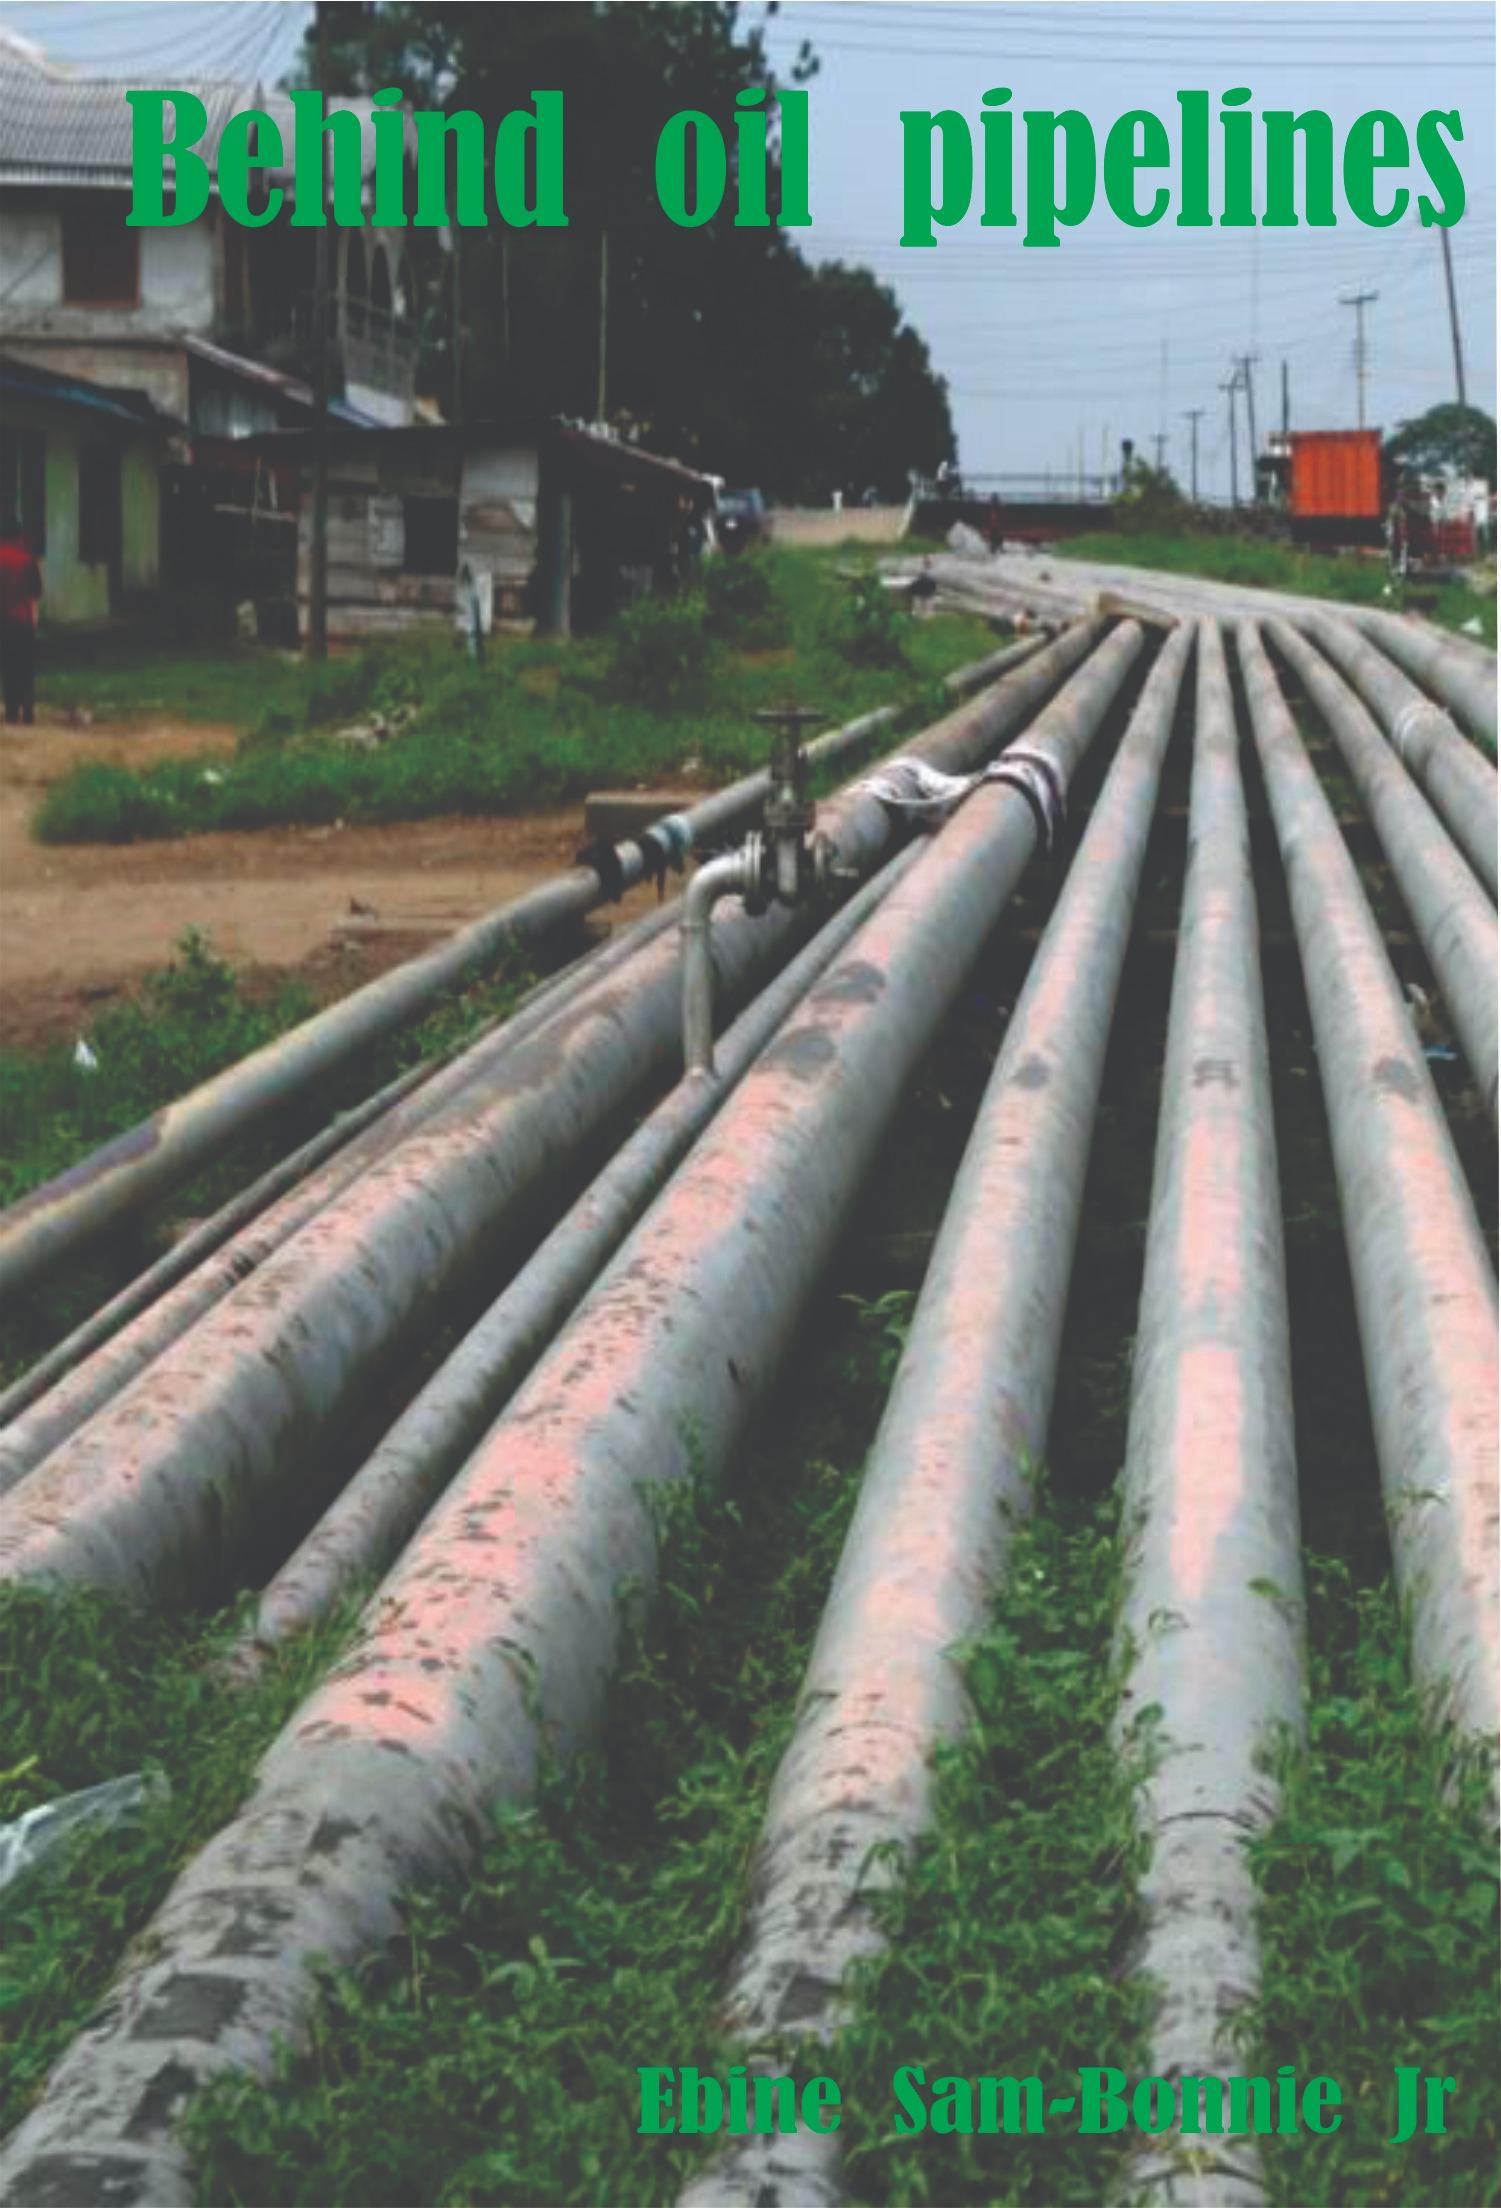 Behind Oil Pipelines